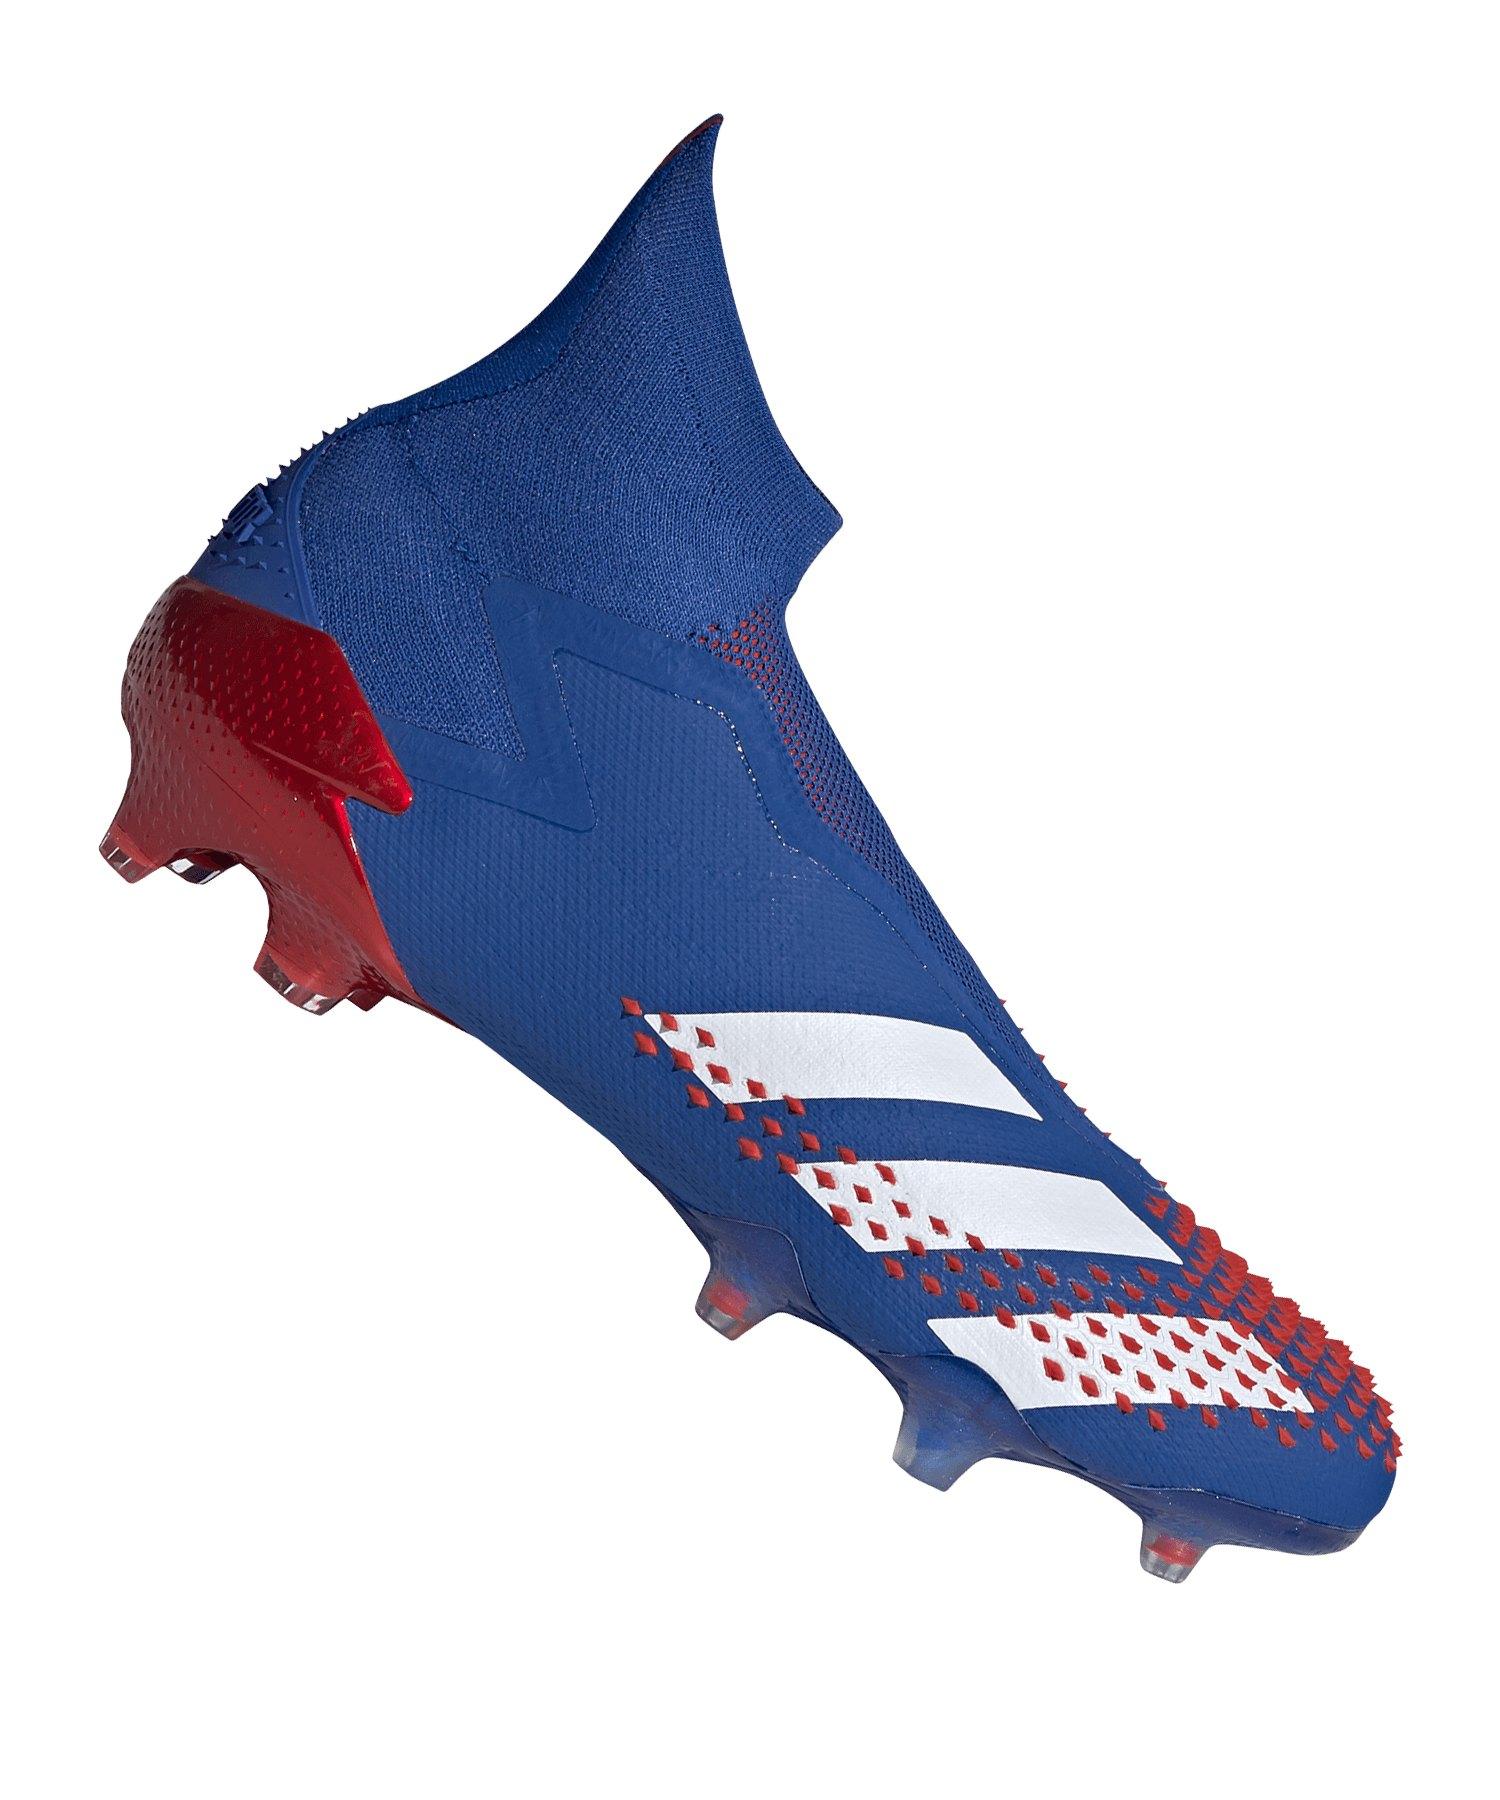 adidas Predator 20+ FG BlauRot - blau